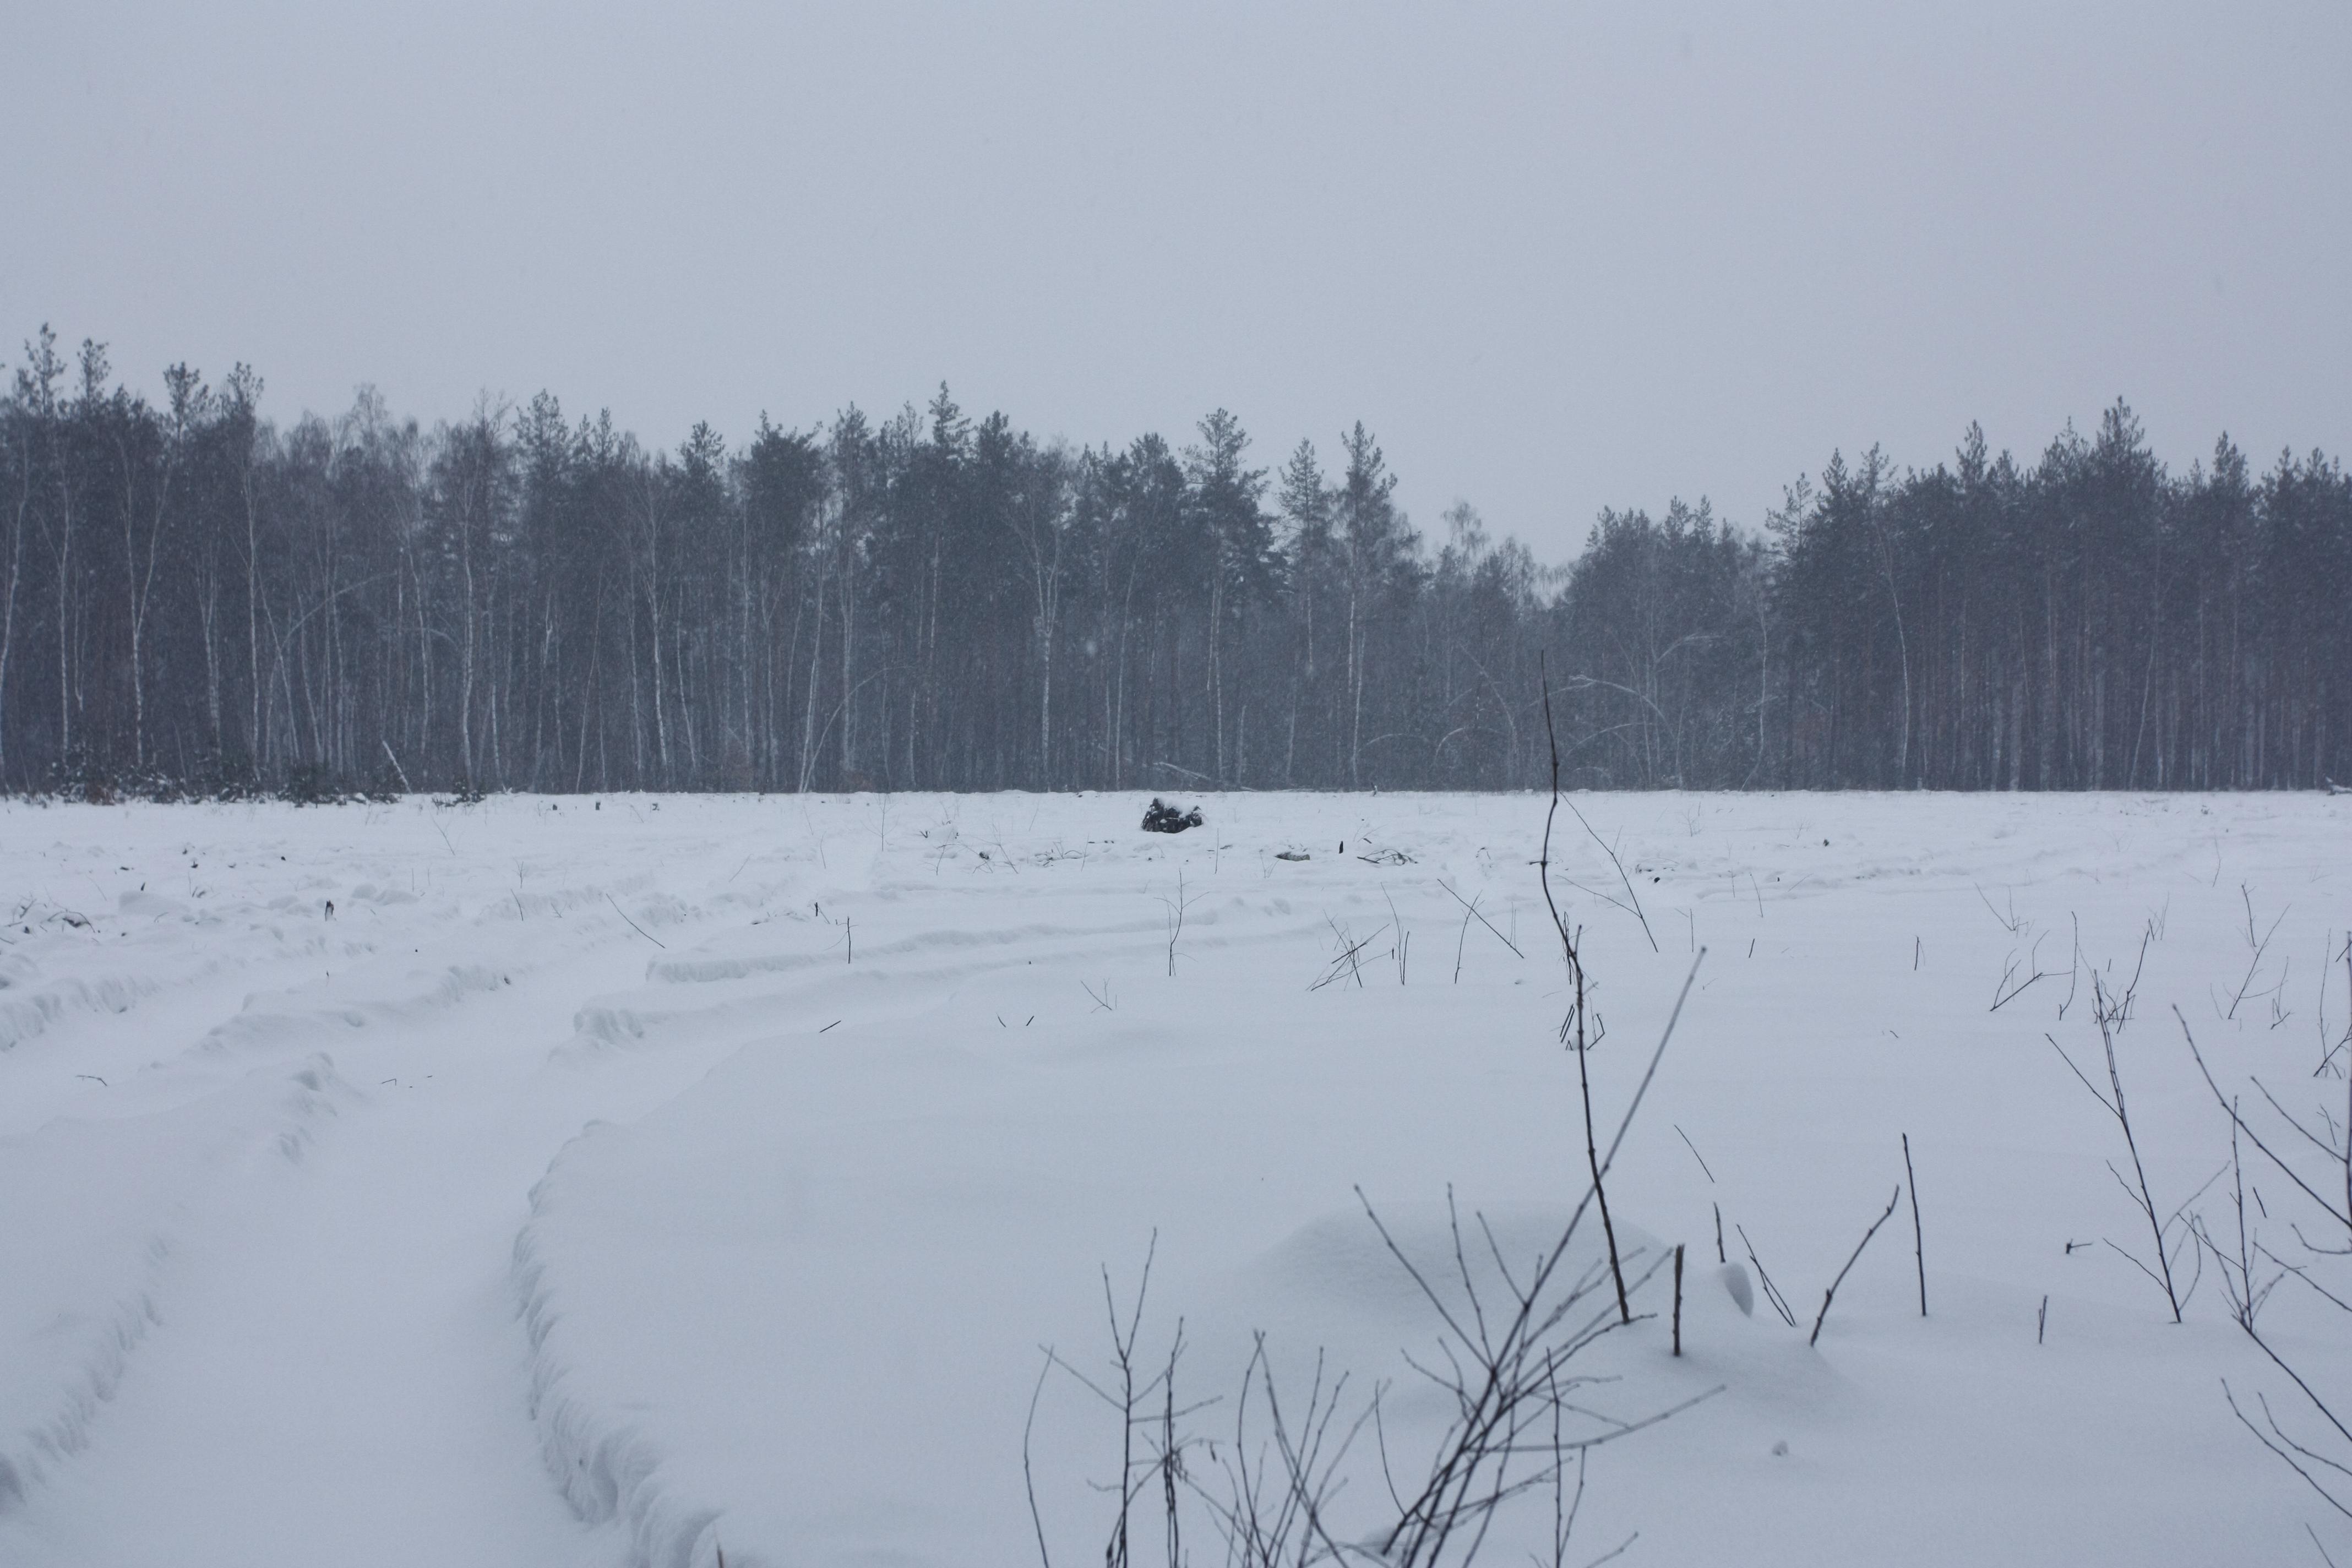 Ділянка лісу, яка була вирублена з листопада по грудень 2011 року. Фото: The Epoch Times Україна